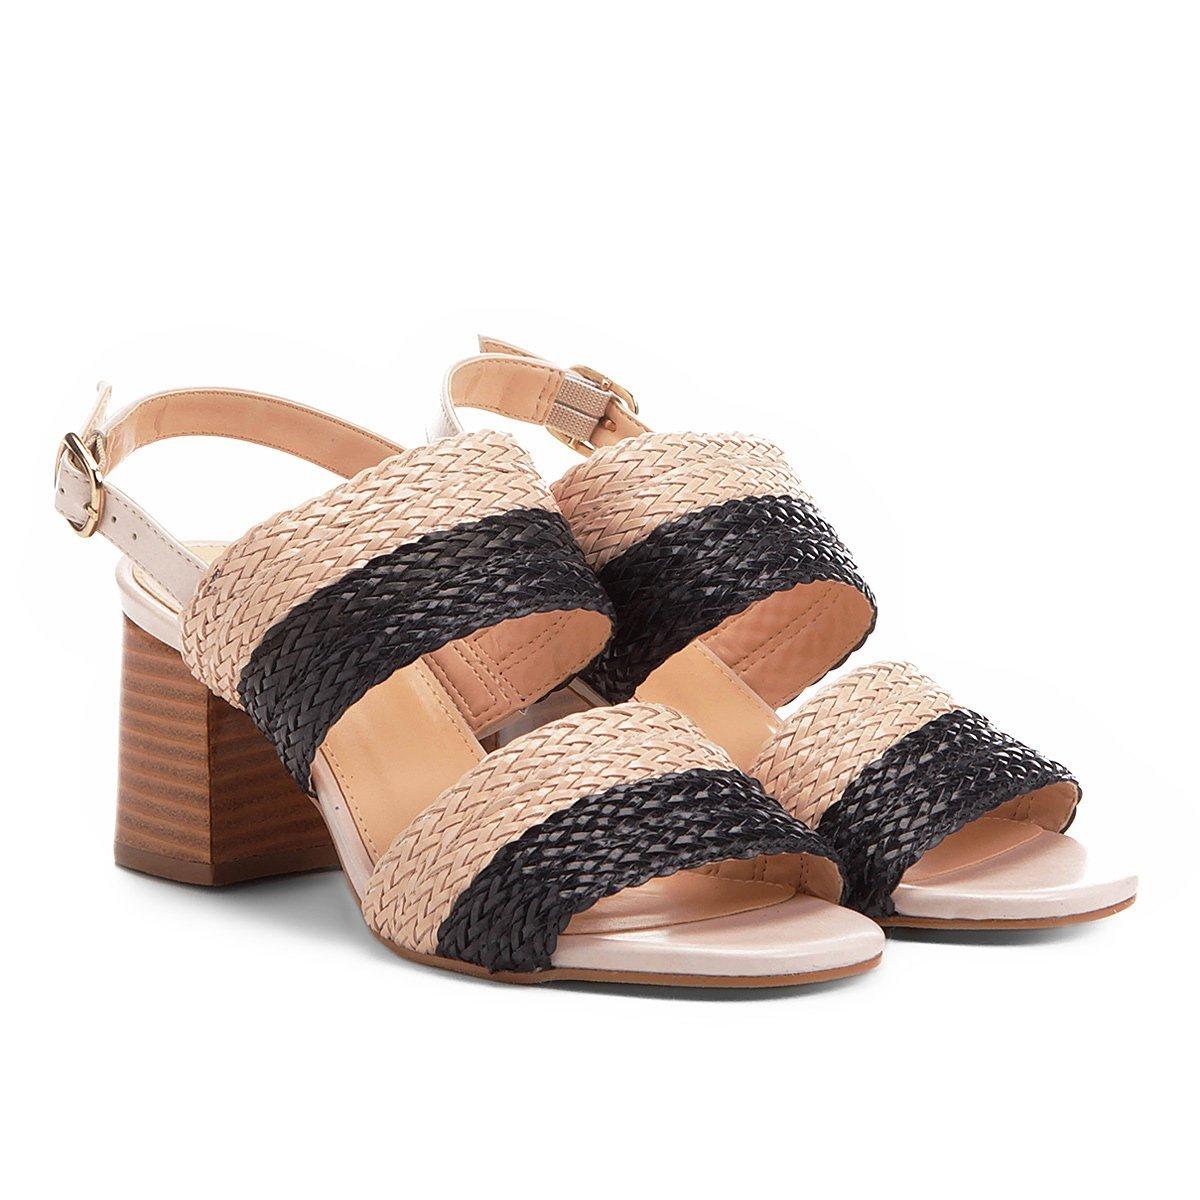 708d8c4551 Sandália Shoestock Salto Grosso Mix Tressê Feminina - Preto - Compre Agora